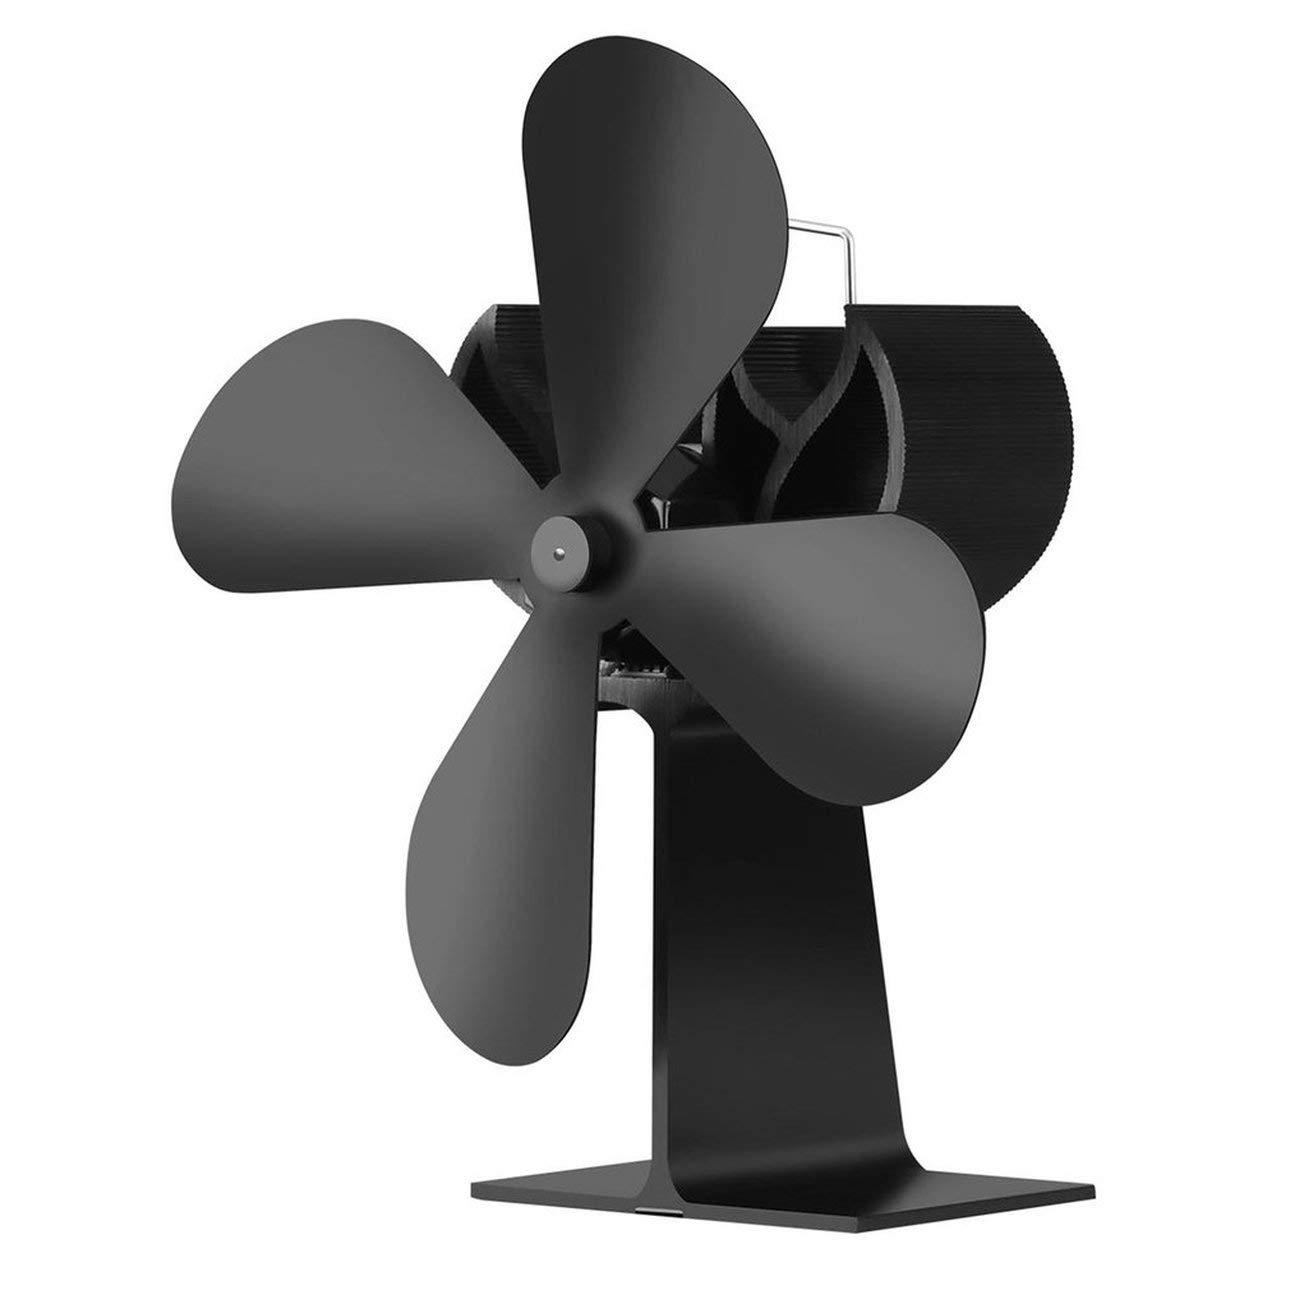 Ballylelly Di calore alimentata Stufa Ventilatore Camino a legna Fan Ventilatore No elettronico necessario